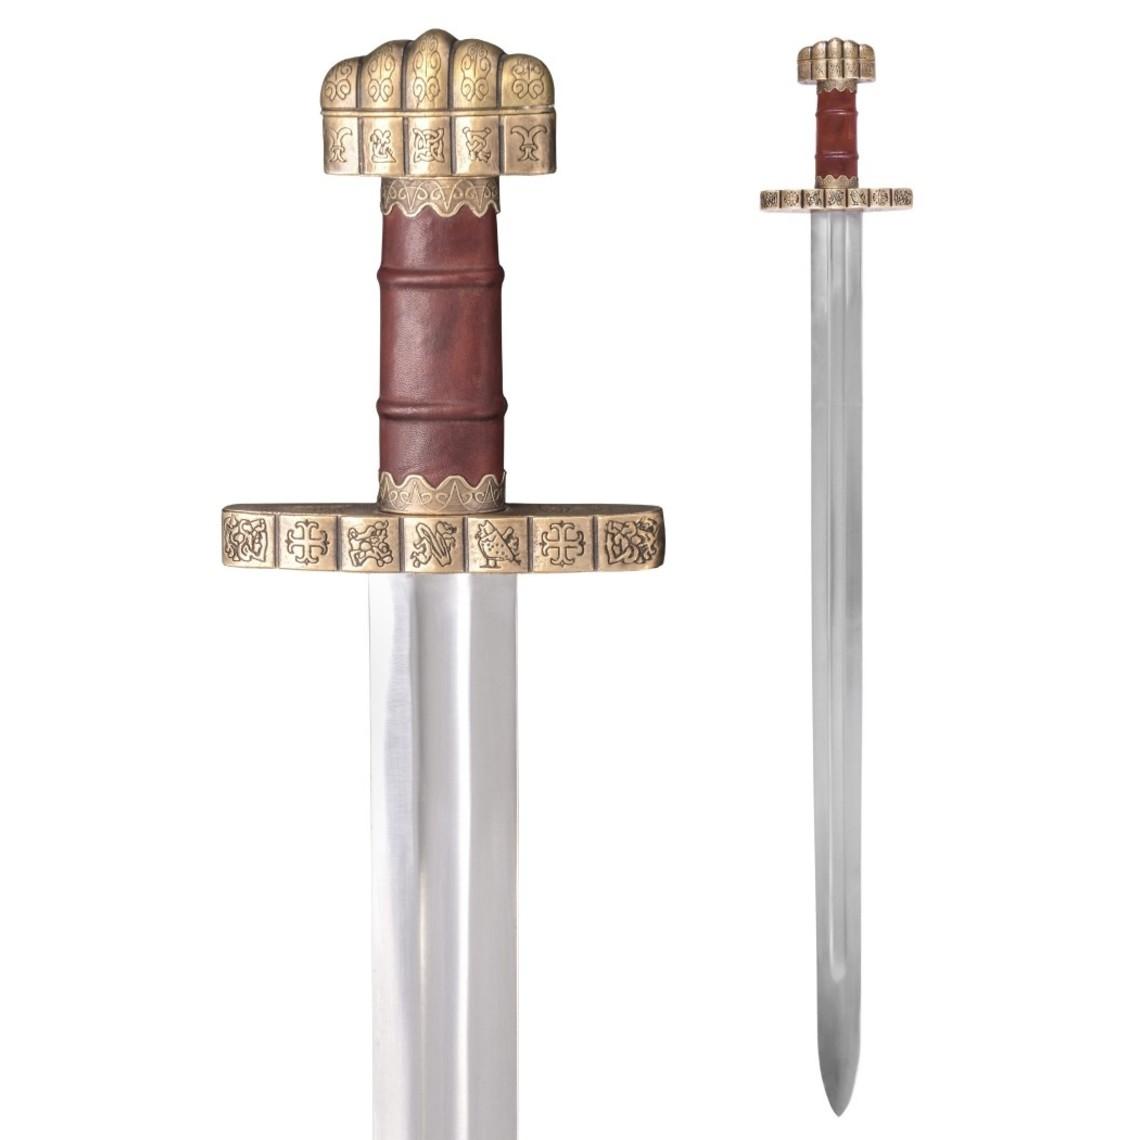 Deepeeka Wikingerschwert Haithabu, halbscharf, 9. Jahrhundert